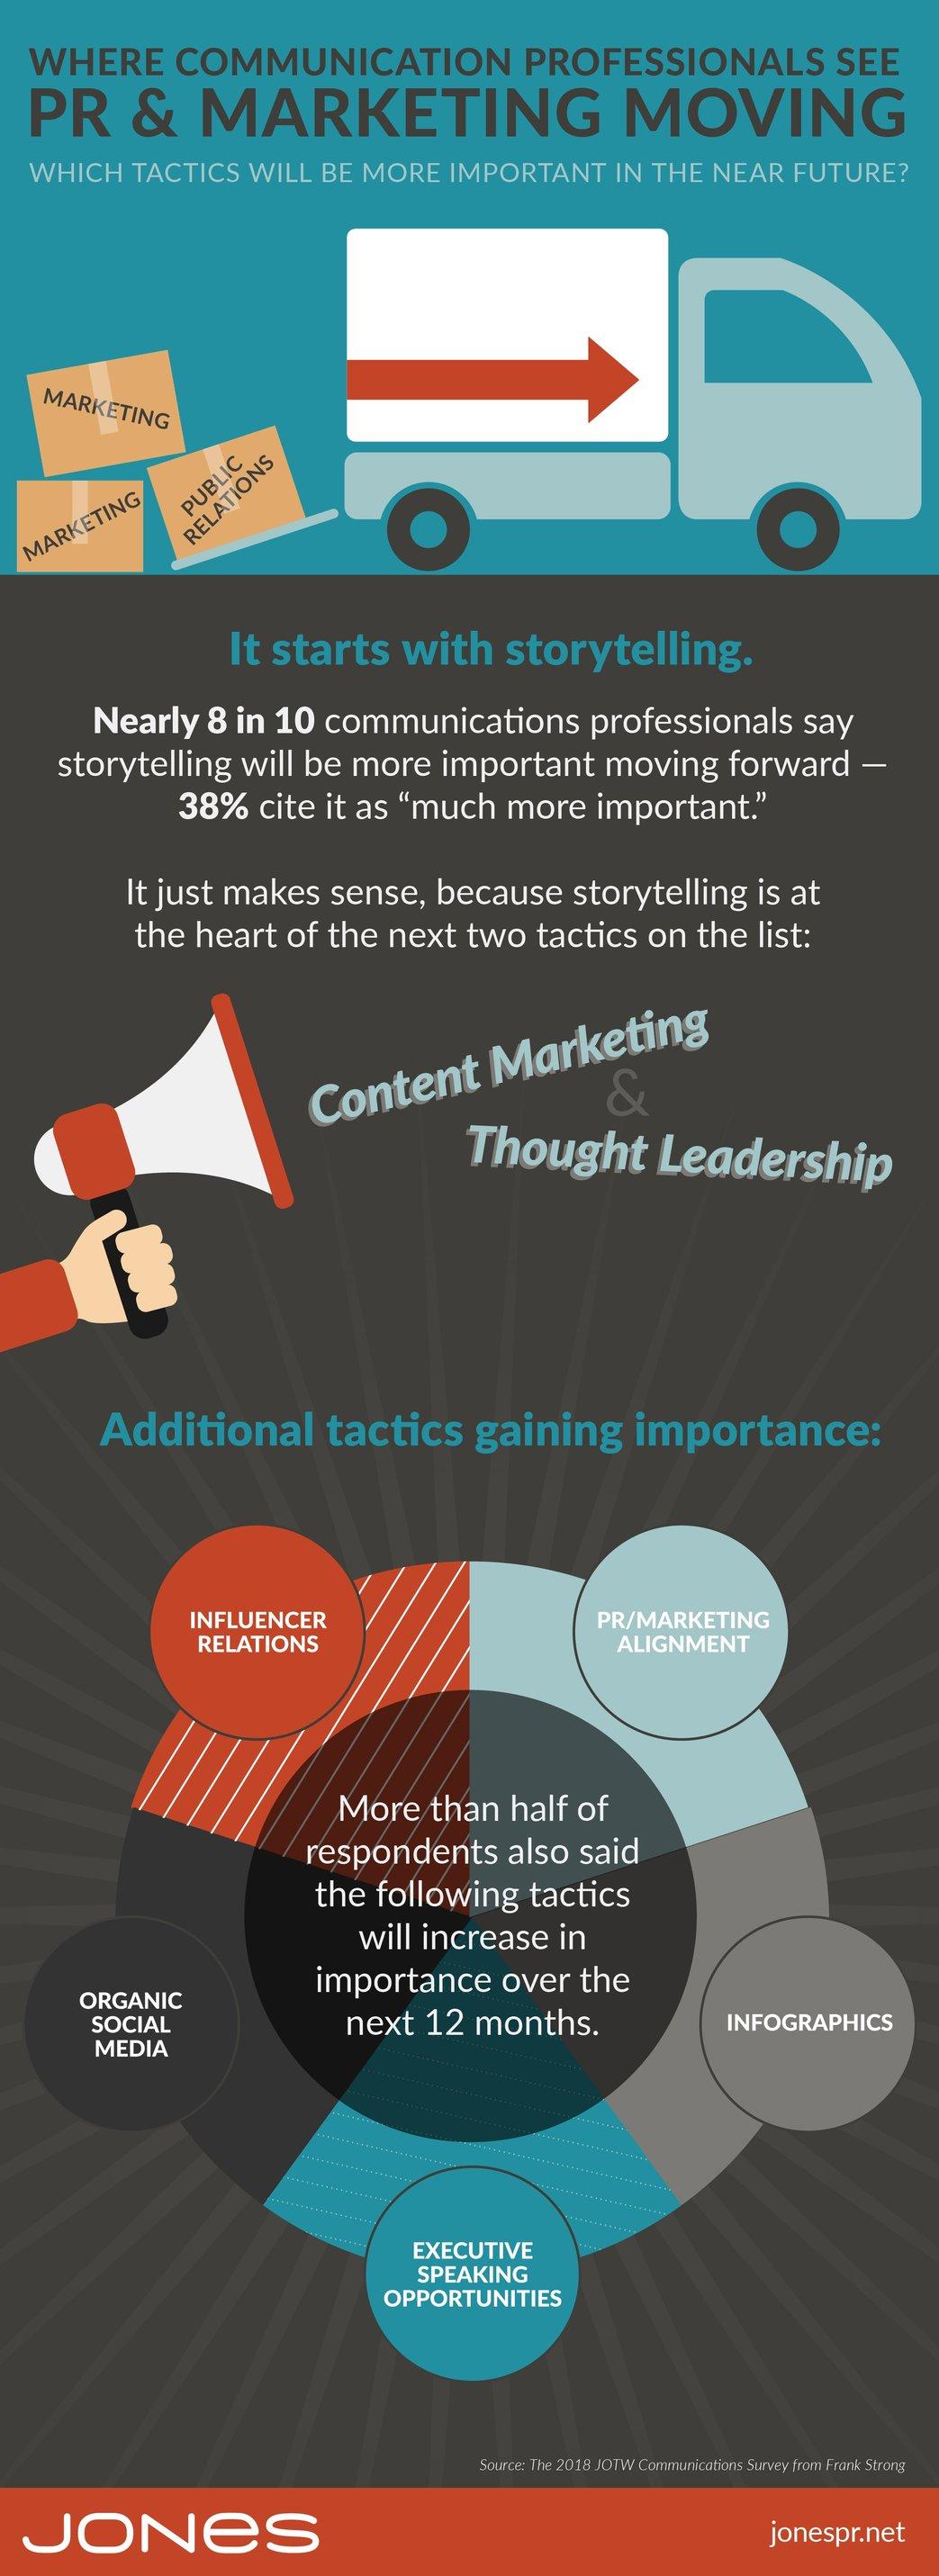 jones-infographic-PR-communications-trends-tactics-01